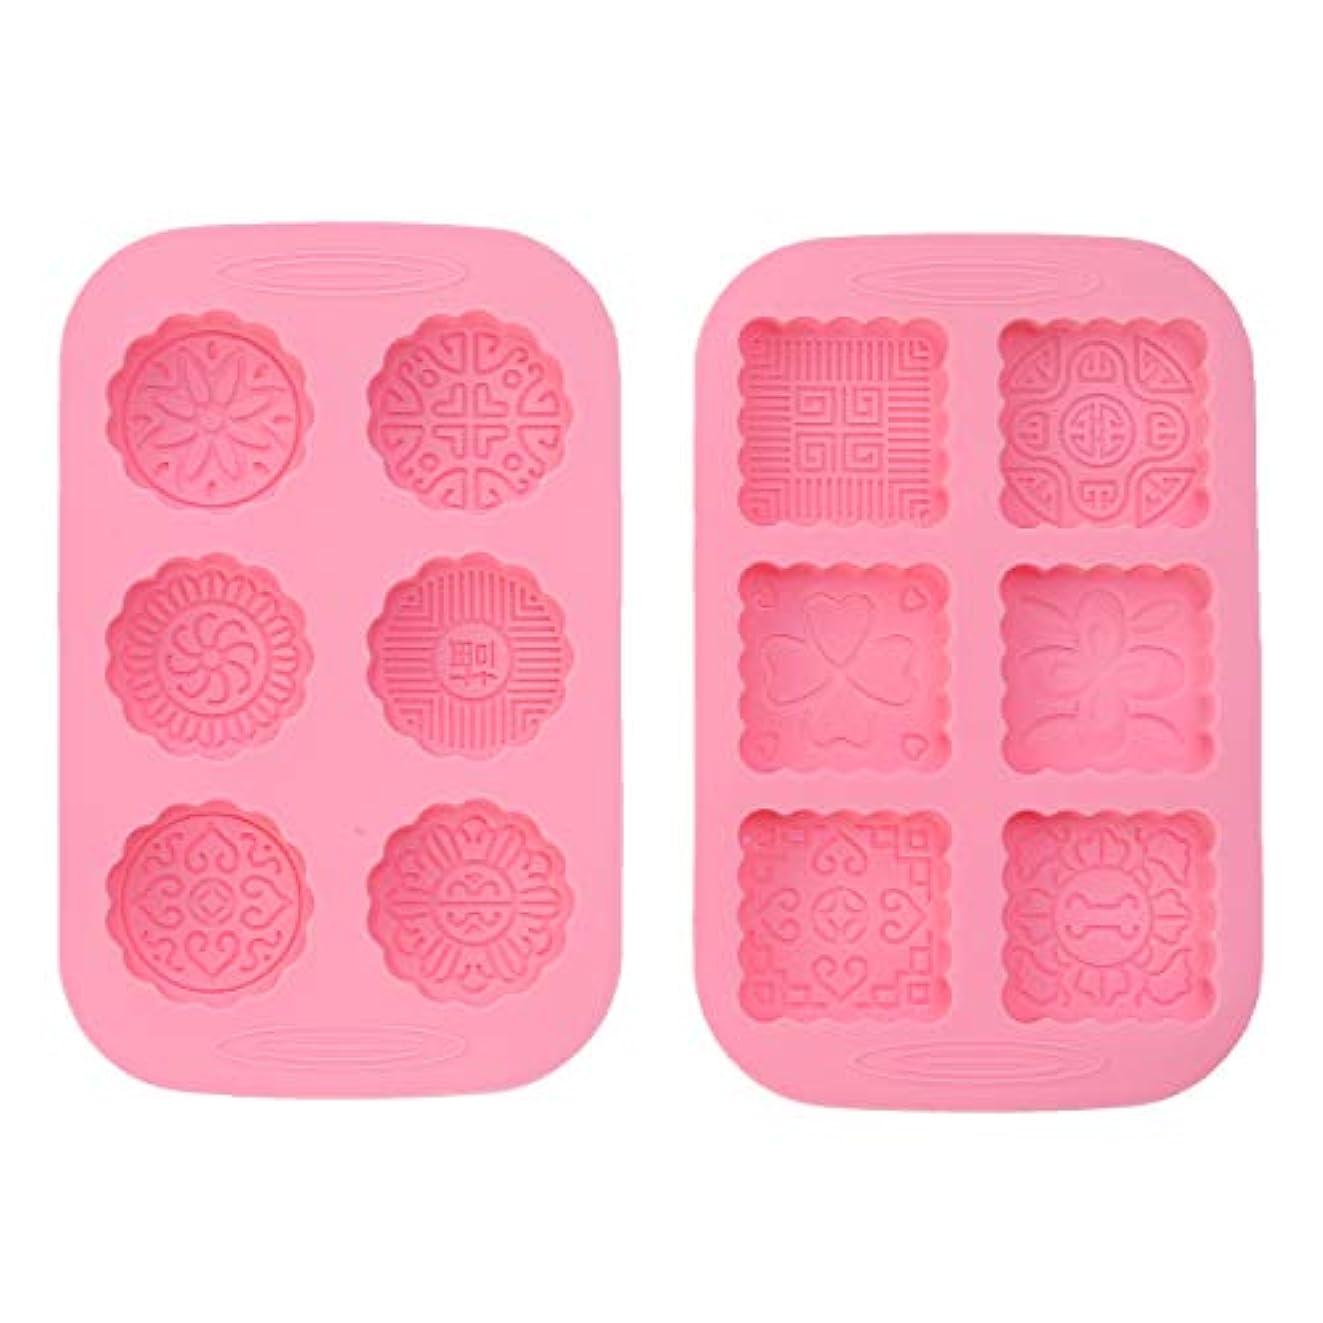 大いに広範囲オークランドHealifty チョコレート石鹸パンのための2本の月餅型の花型(ピンク)